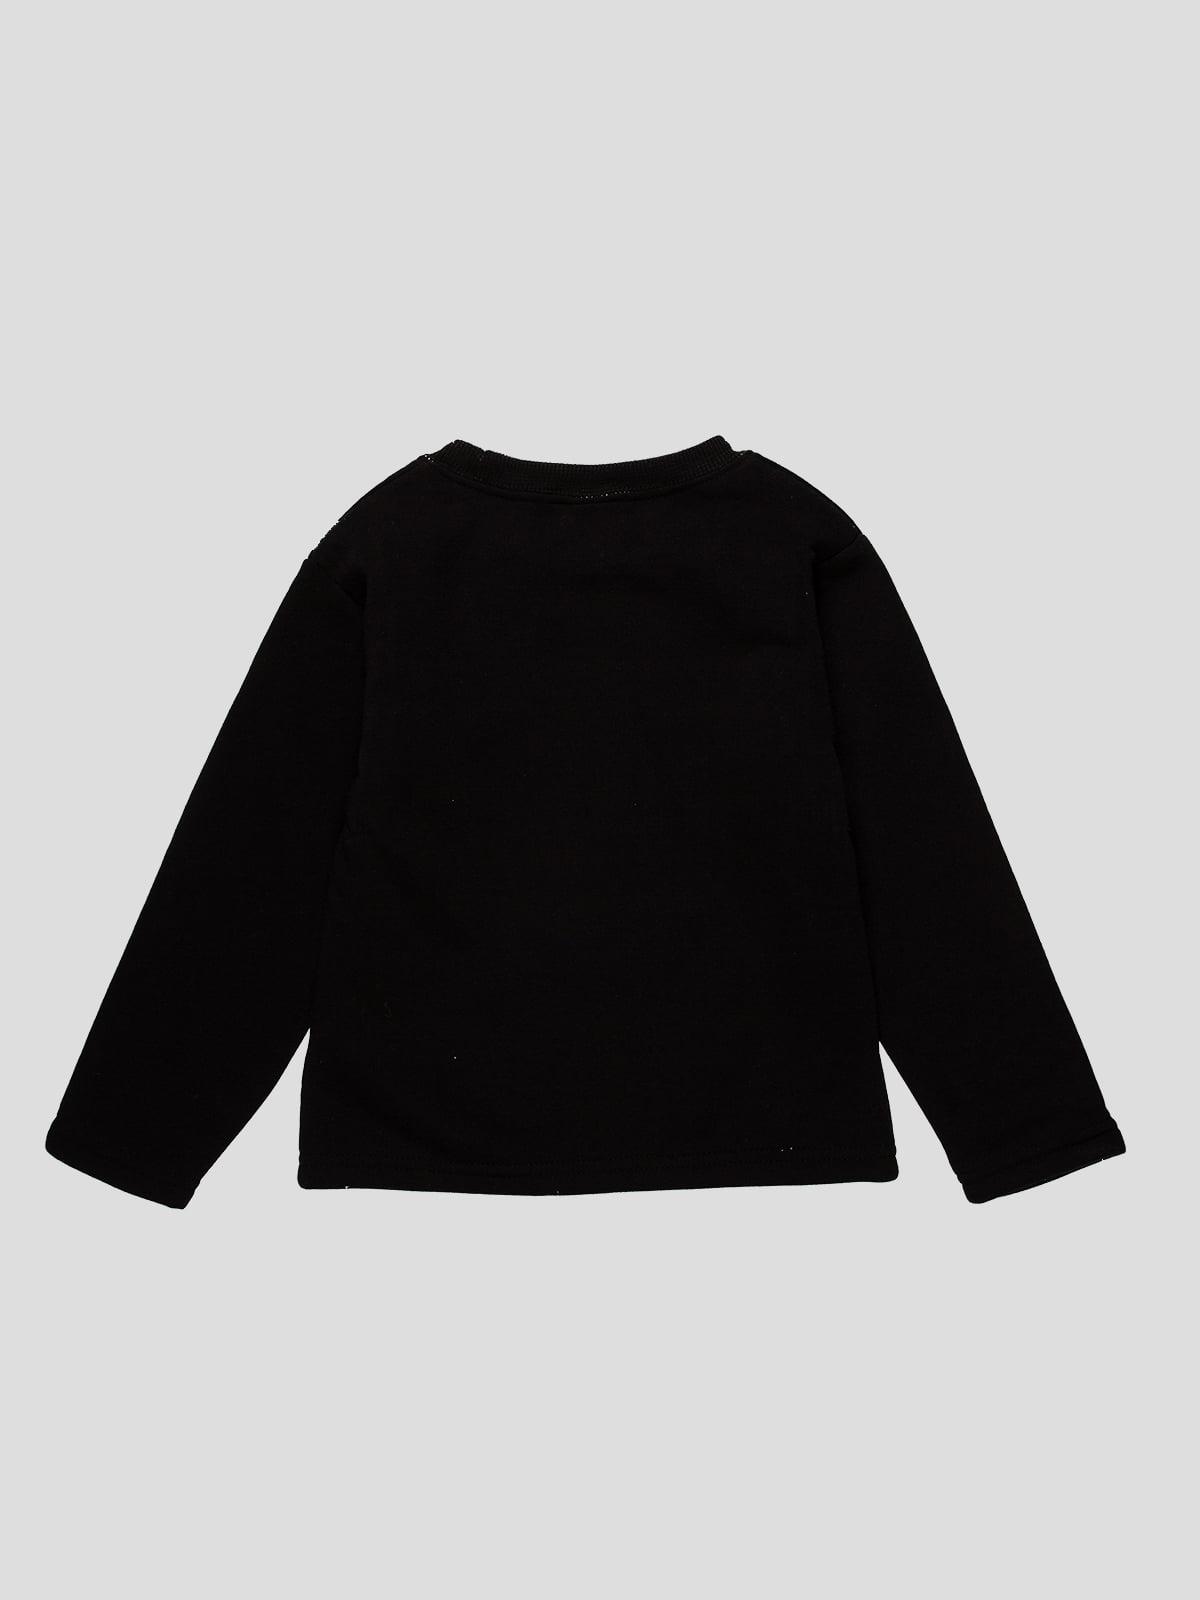 Лонгслів чорний з принтом | 4515683 | фото 2